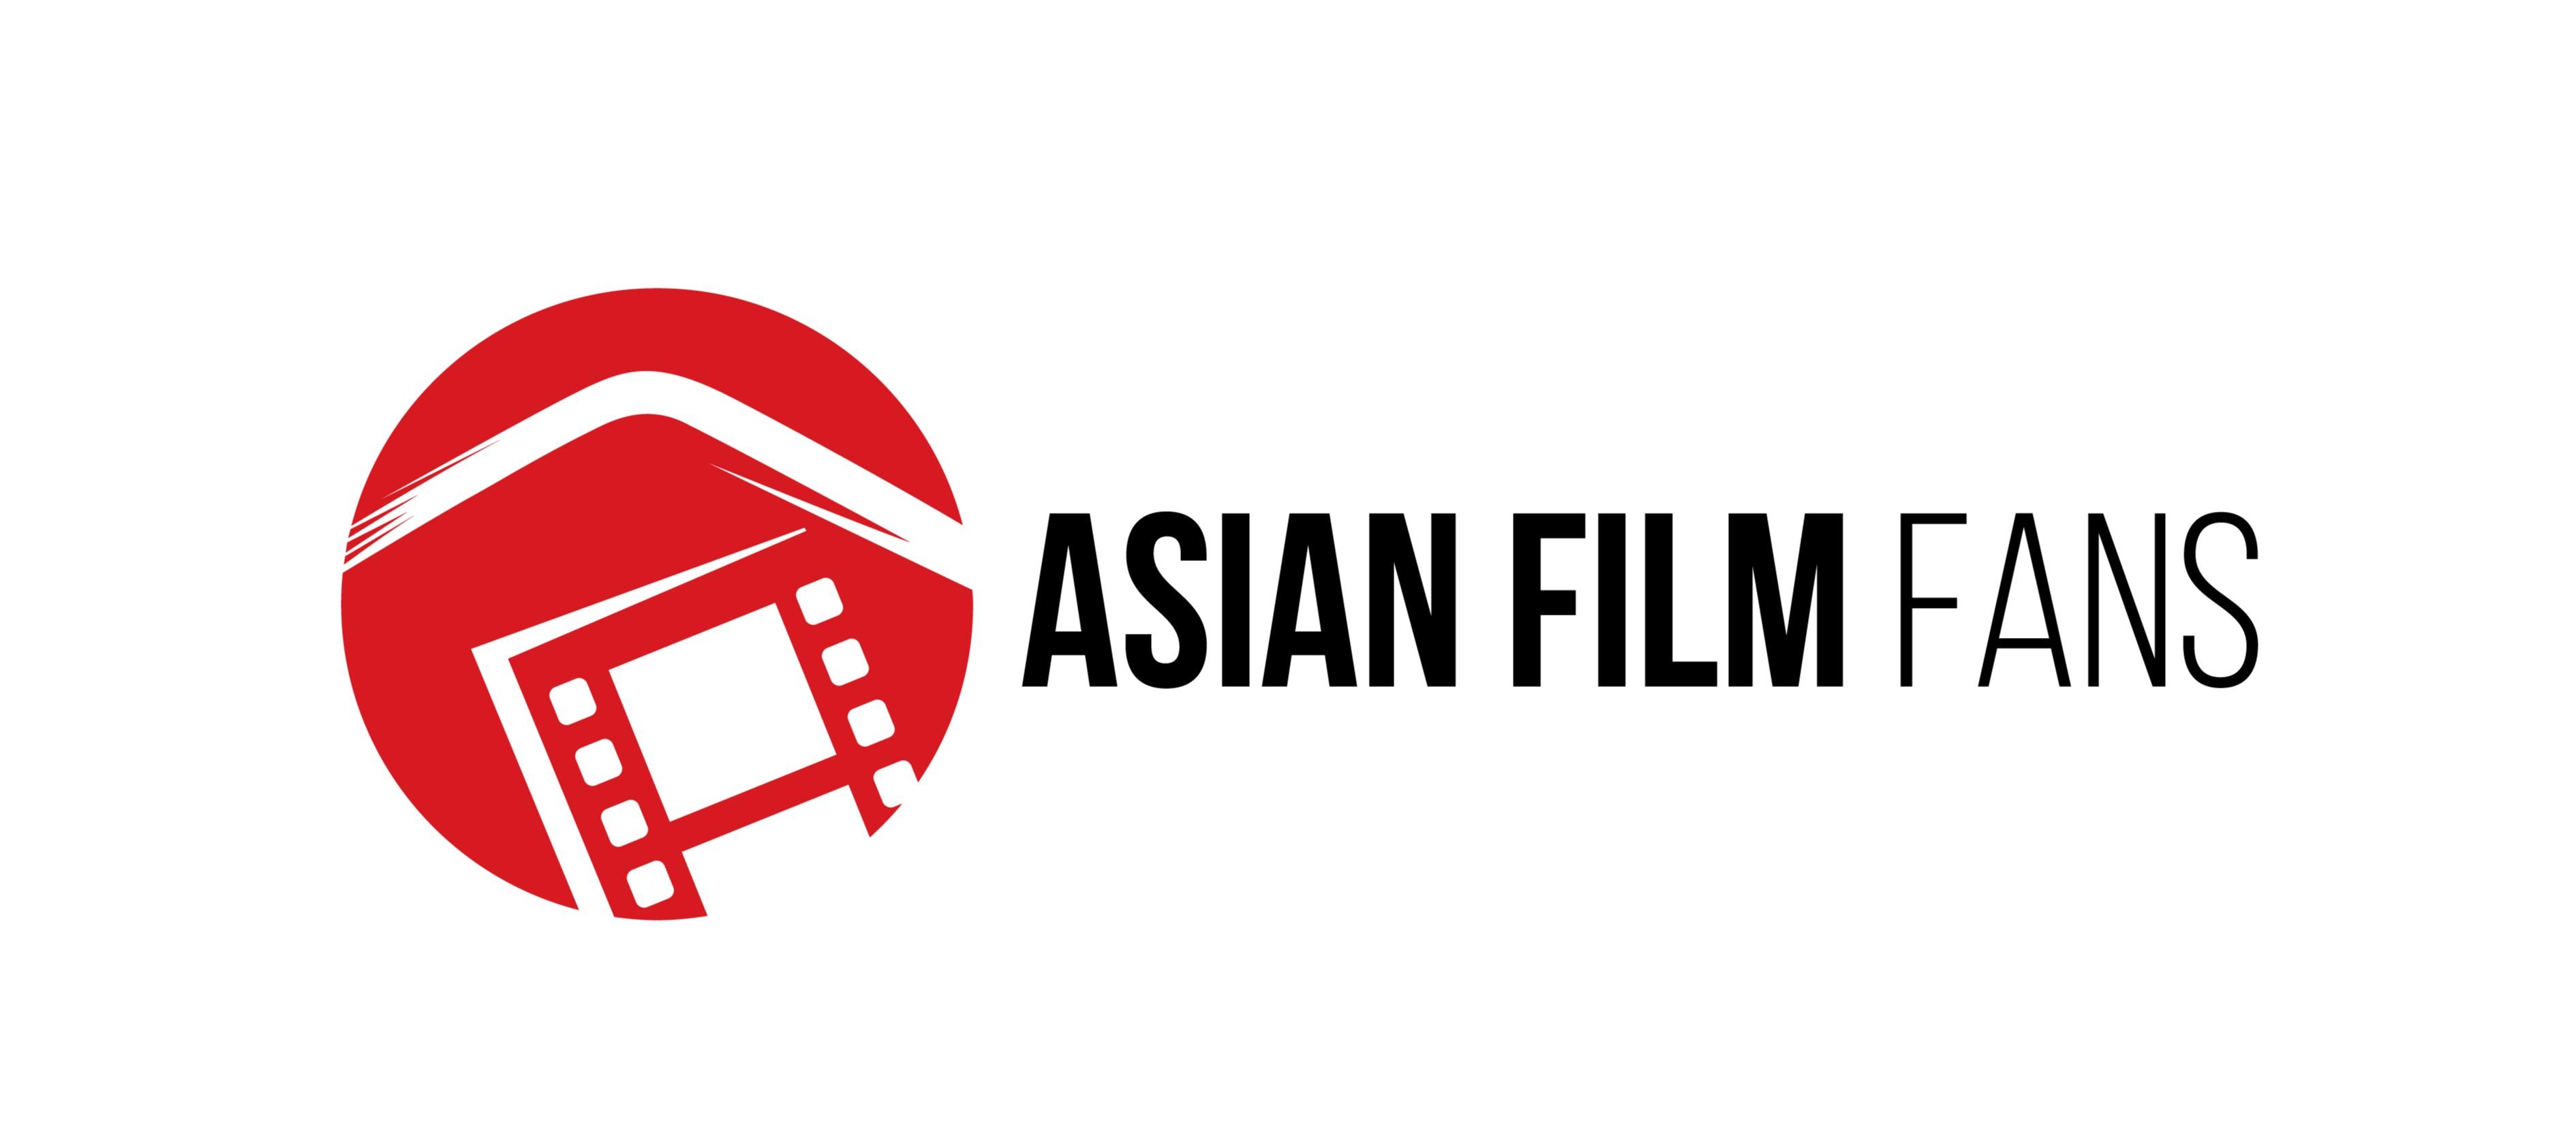 asian-film-fans-red-01.jpg